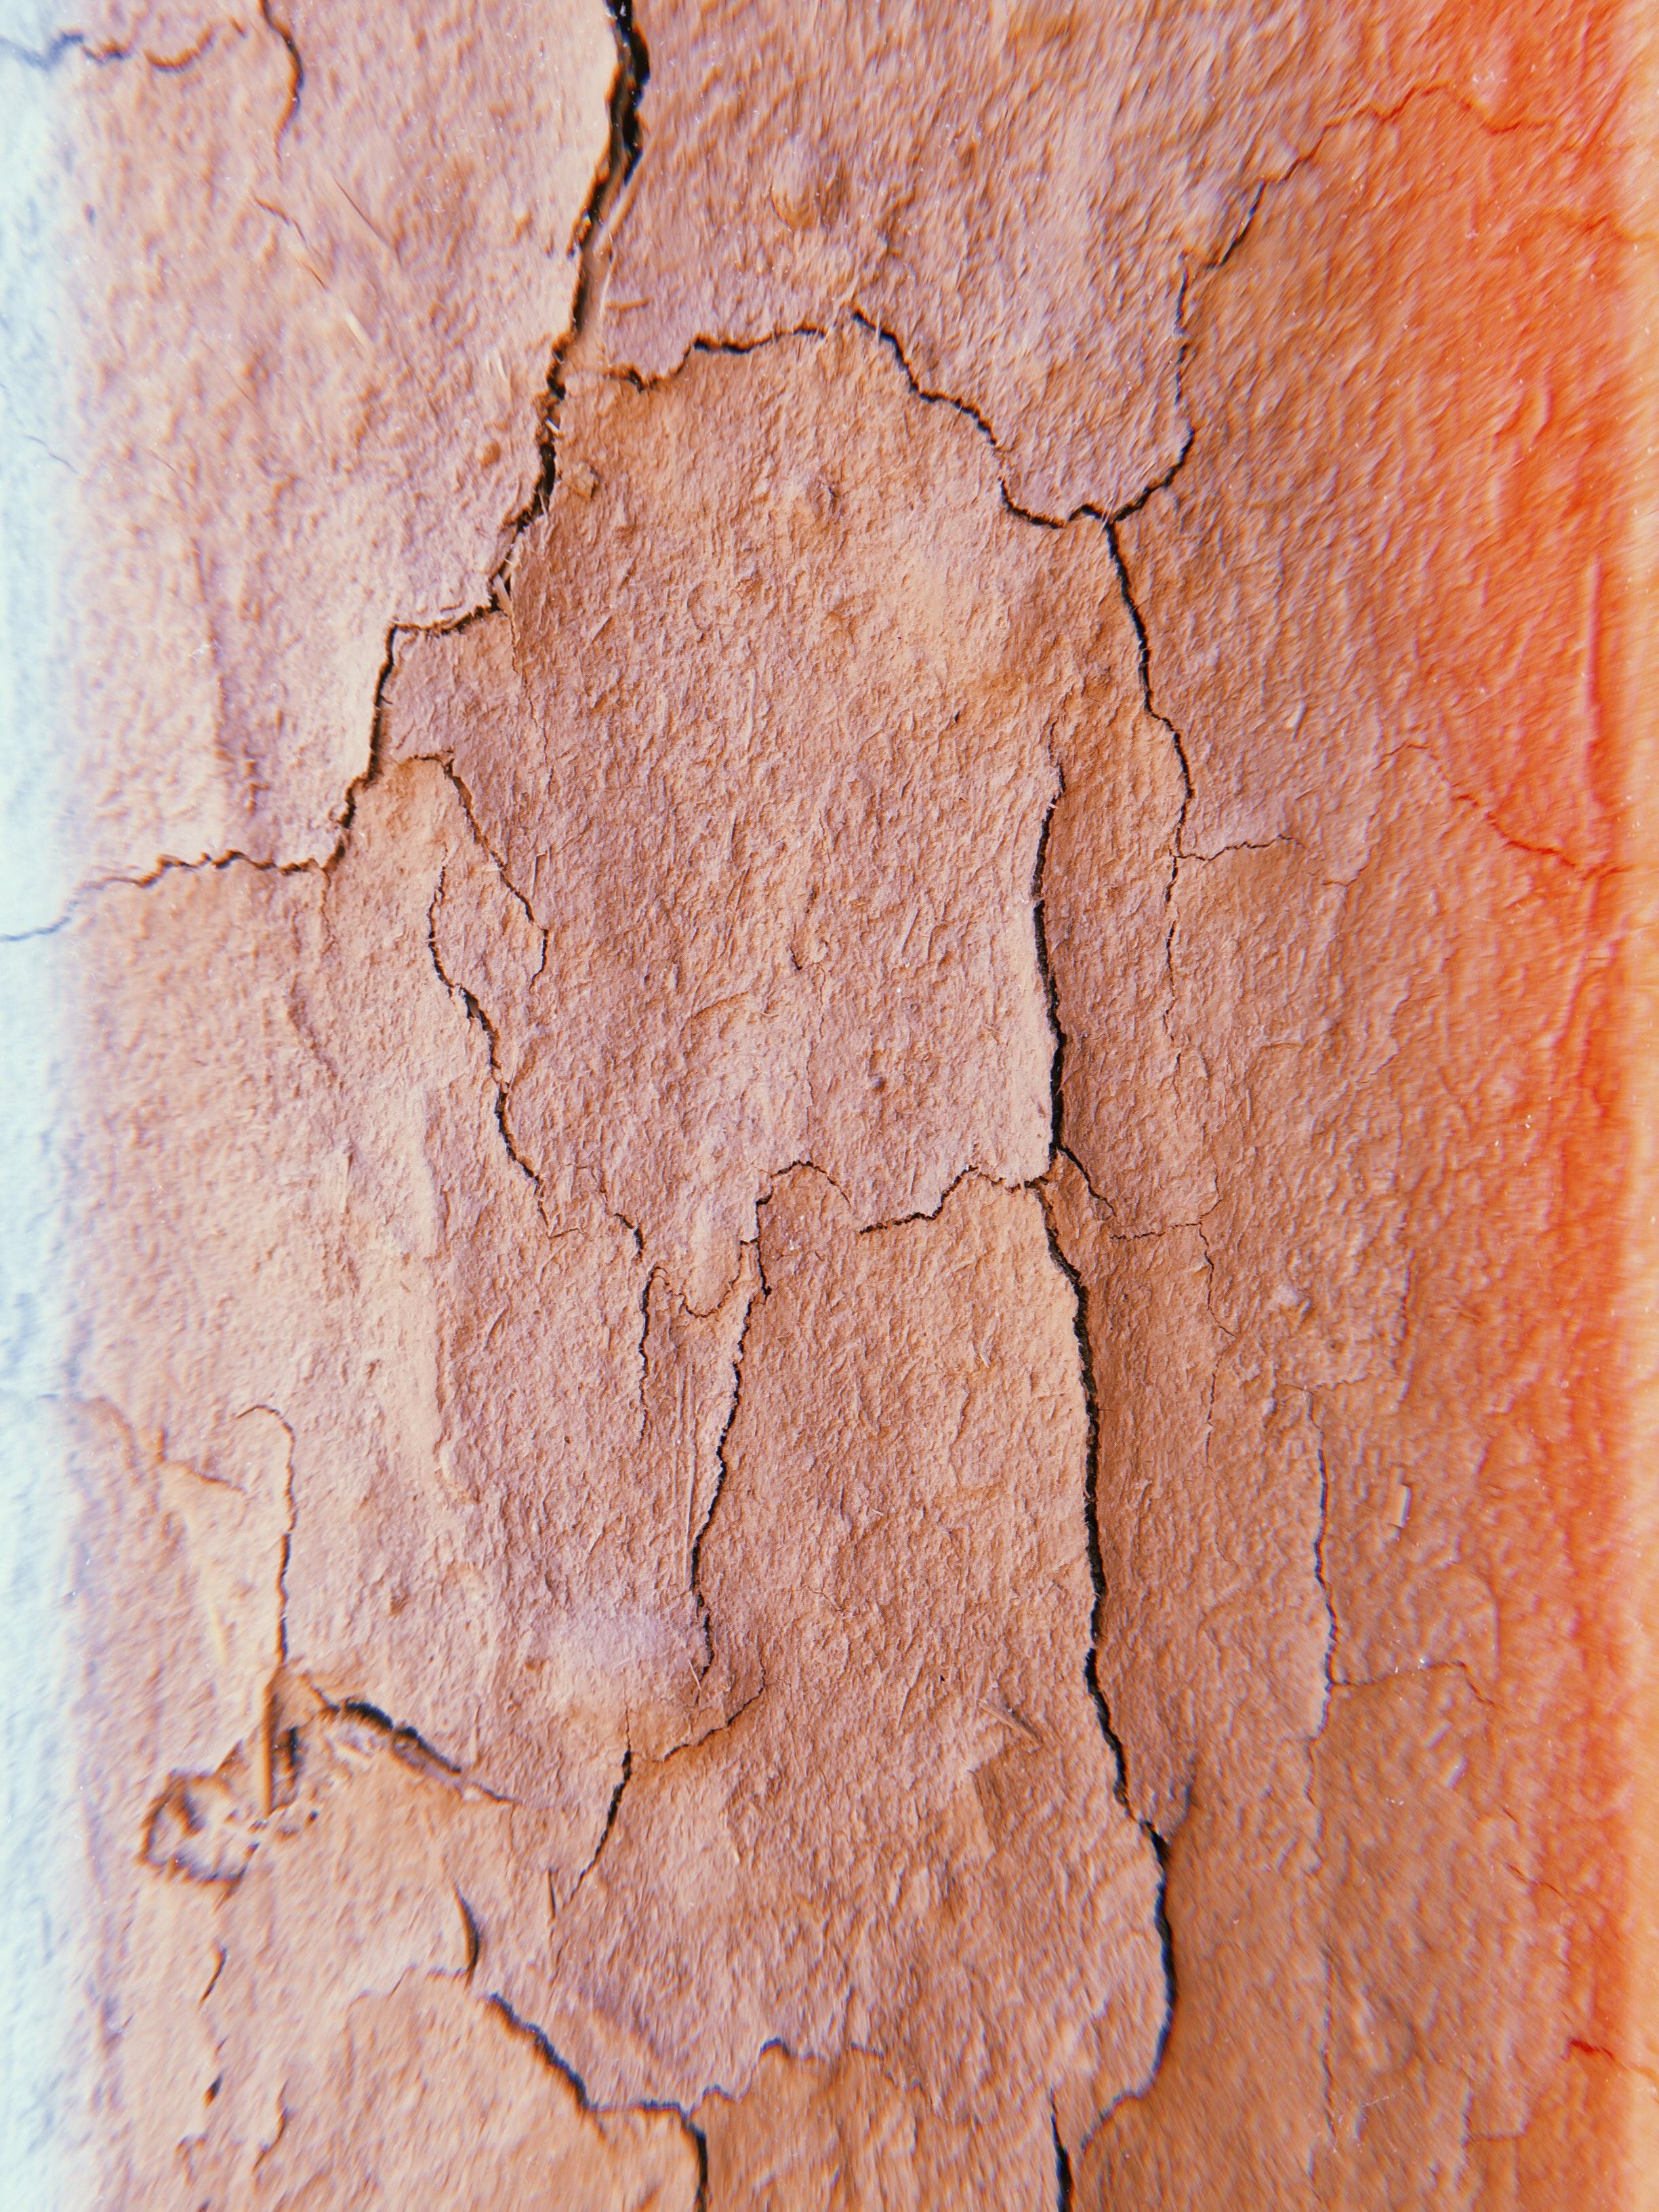 broken-crack-cracked from fancycrave on pexels.com